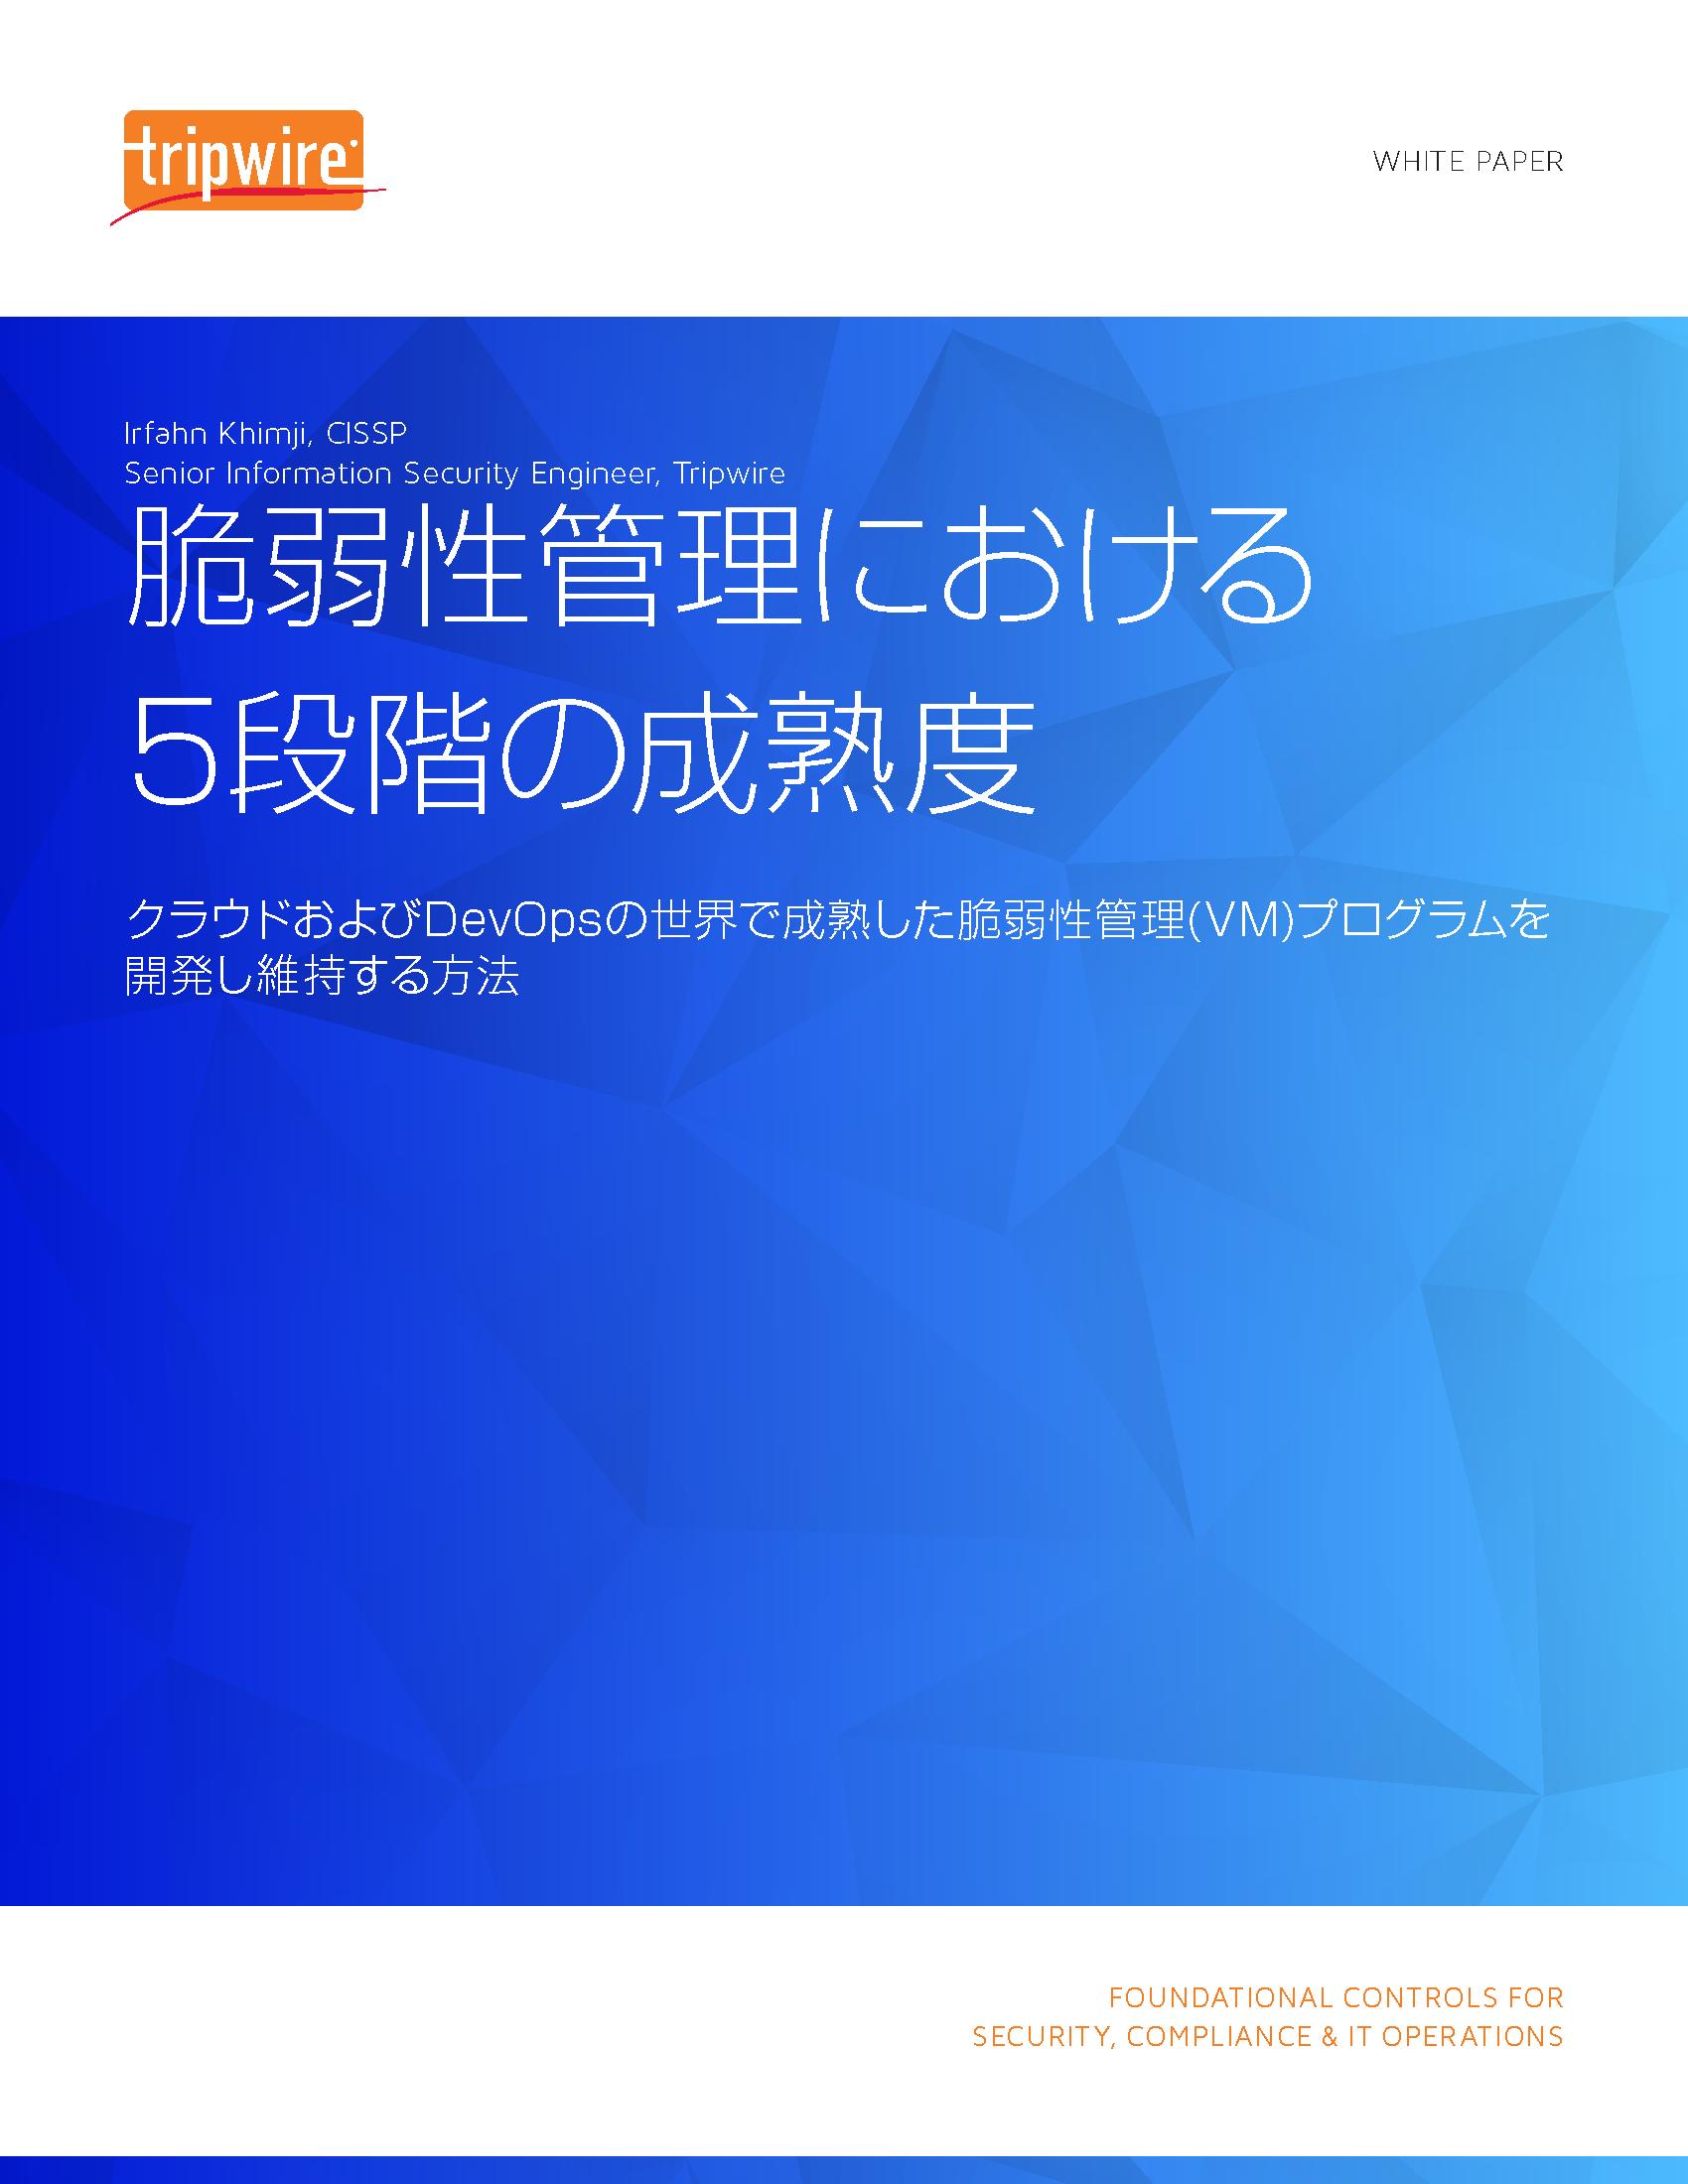 脆弱性管理における5段階の成熟度 white paper